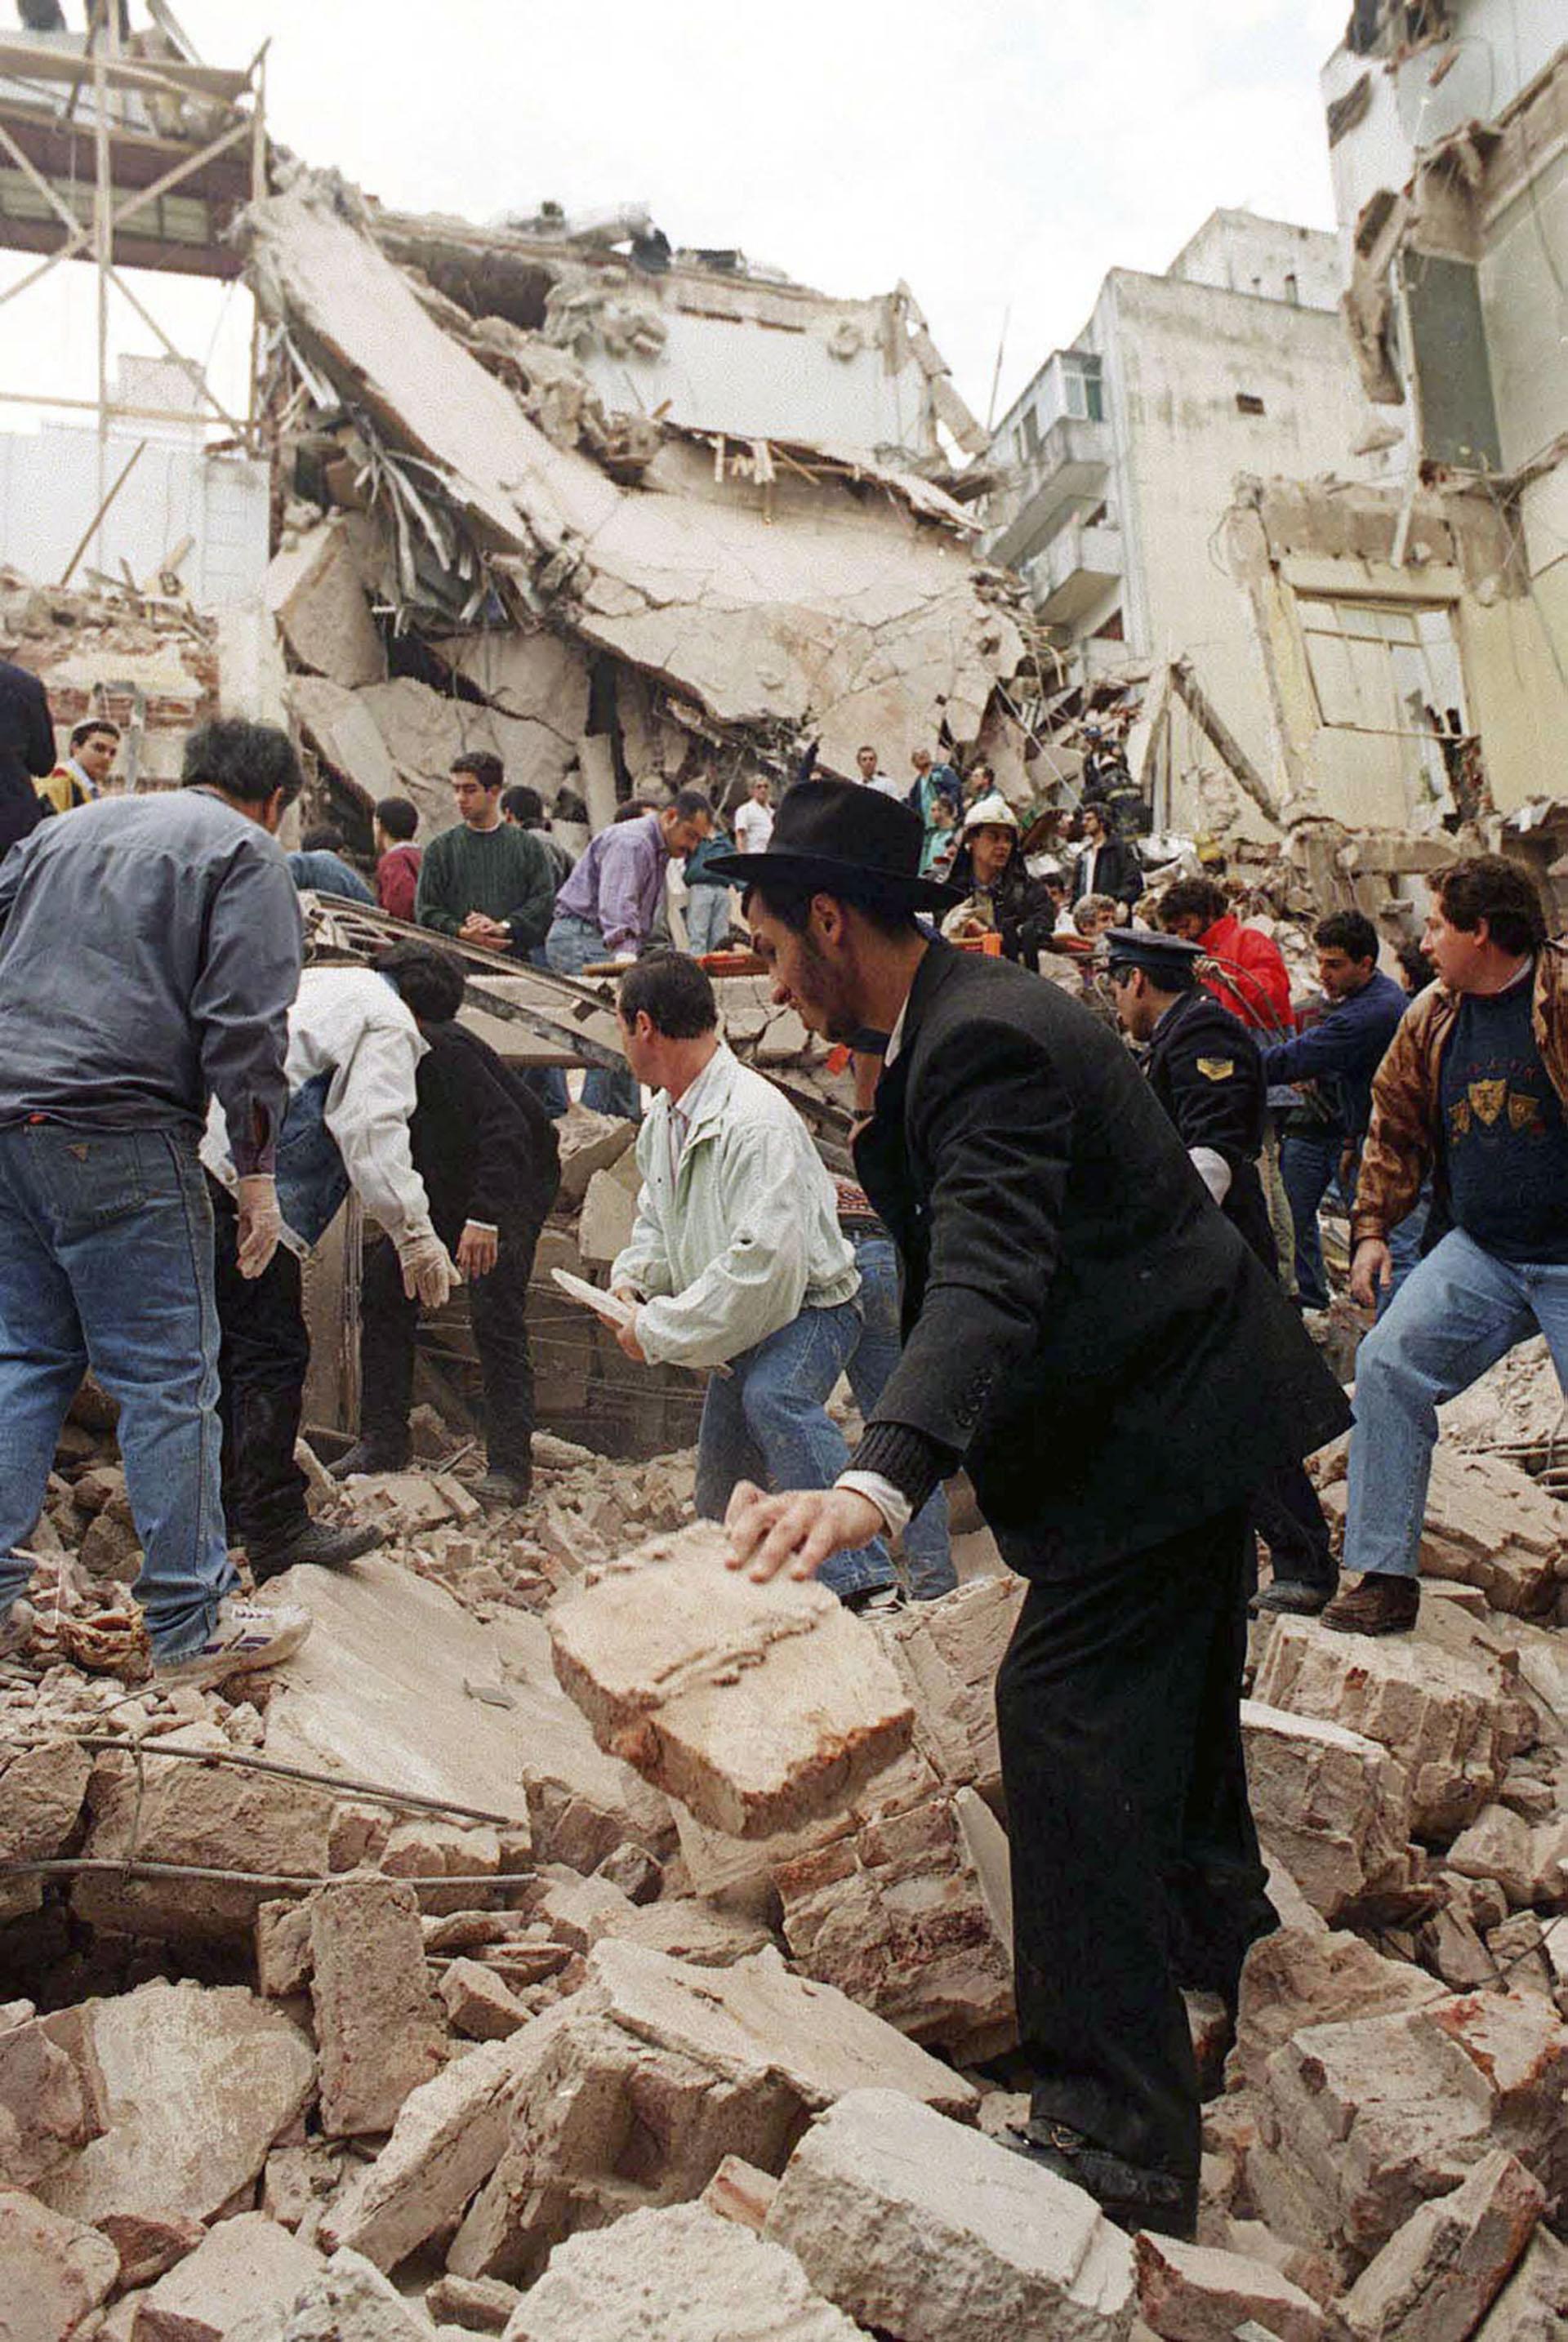 El atentado fue tomado por la colectividad judía, la Justicia y los gobiernos como un ataque a toda la sociedad argentina (NA)